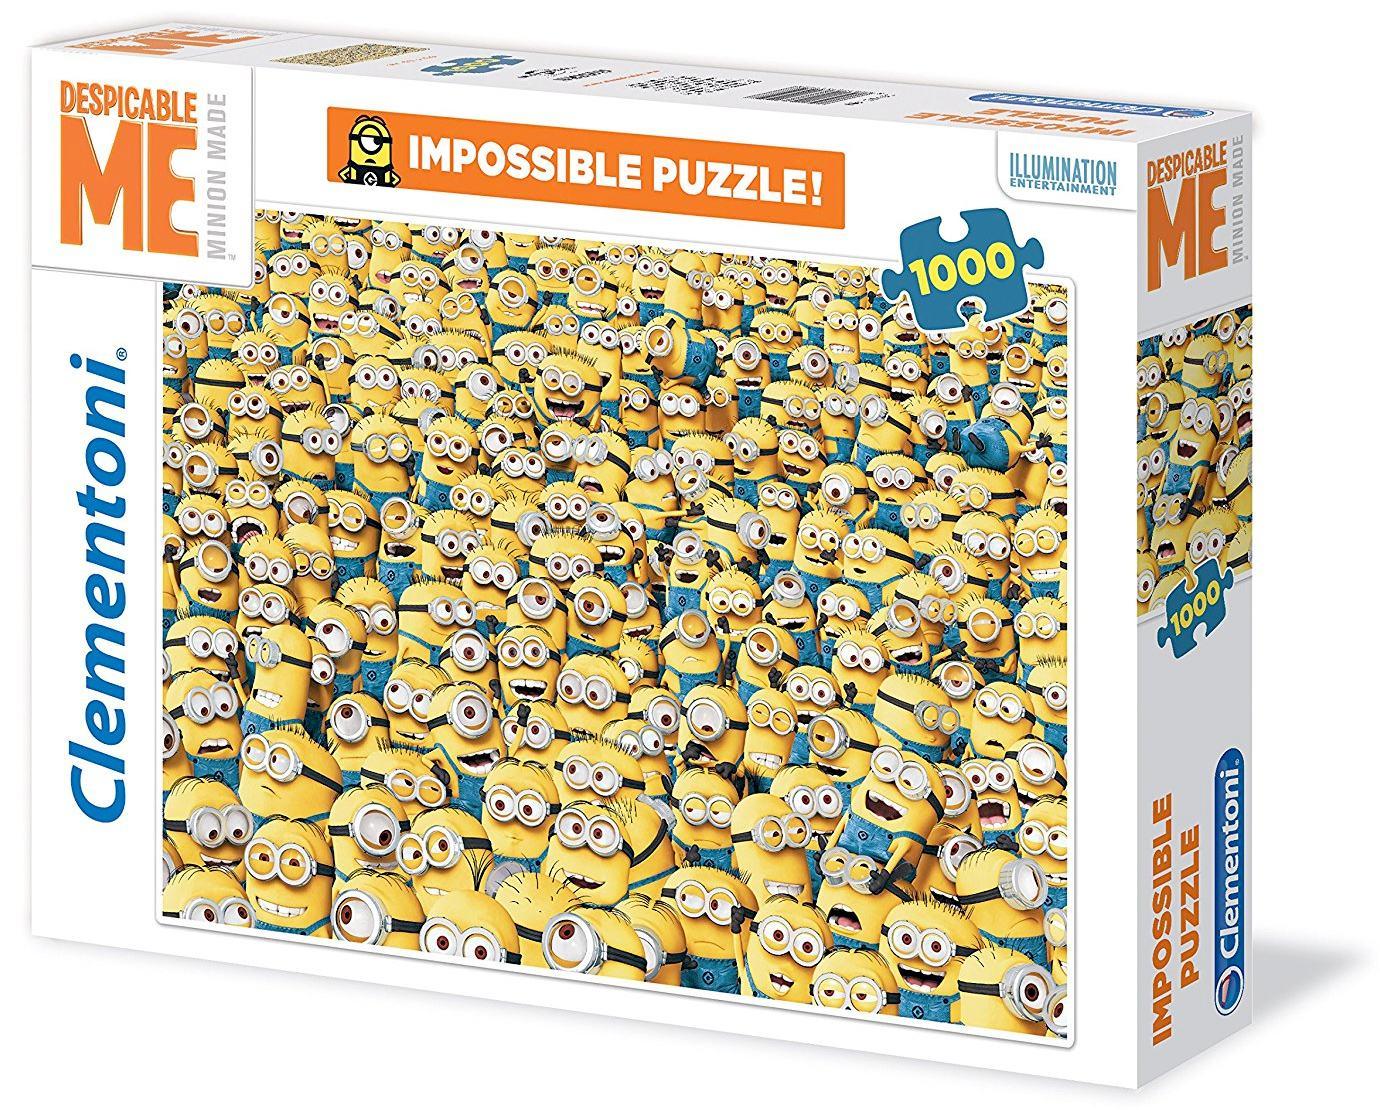 quebra-cabecas-clementoni-impossible-puzzles-02